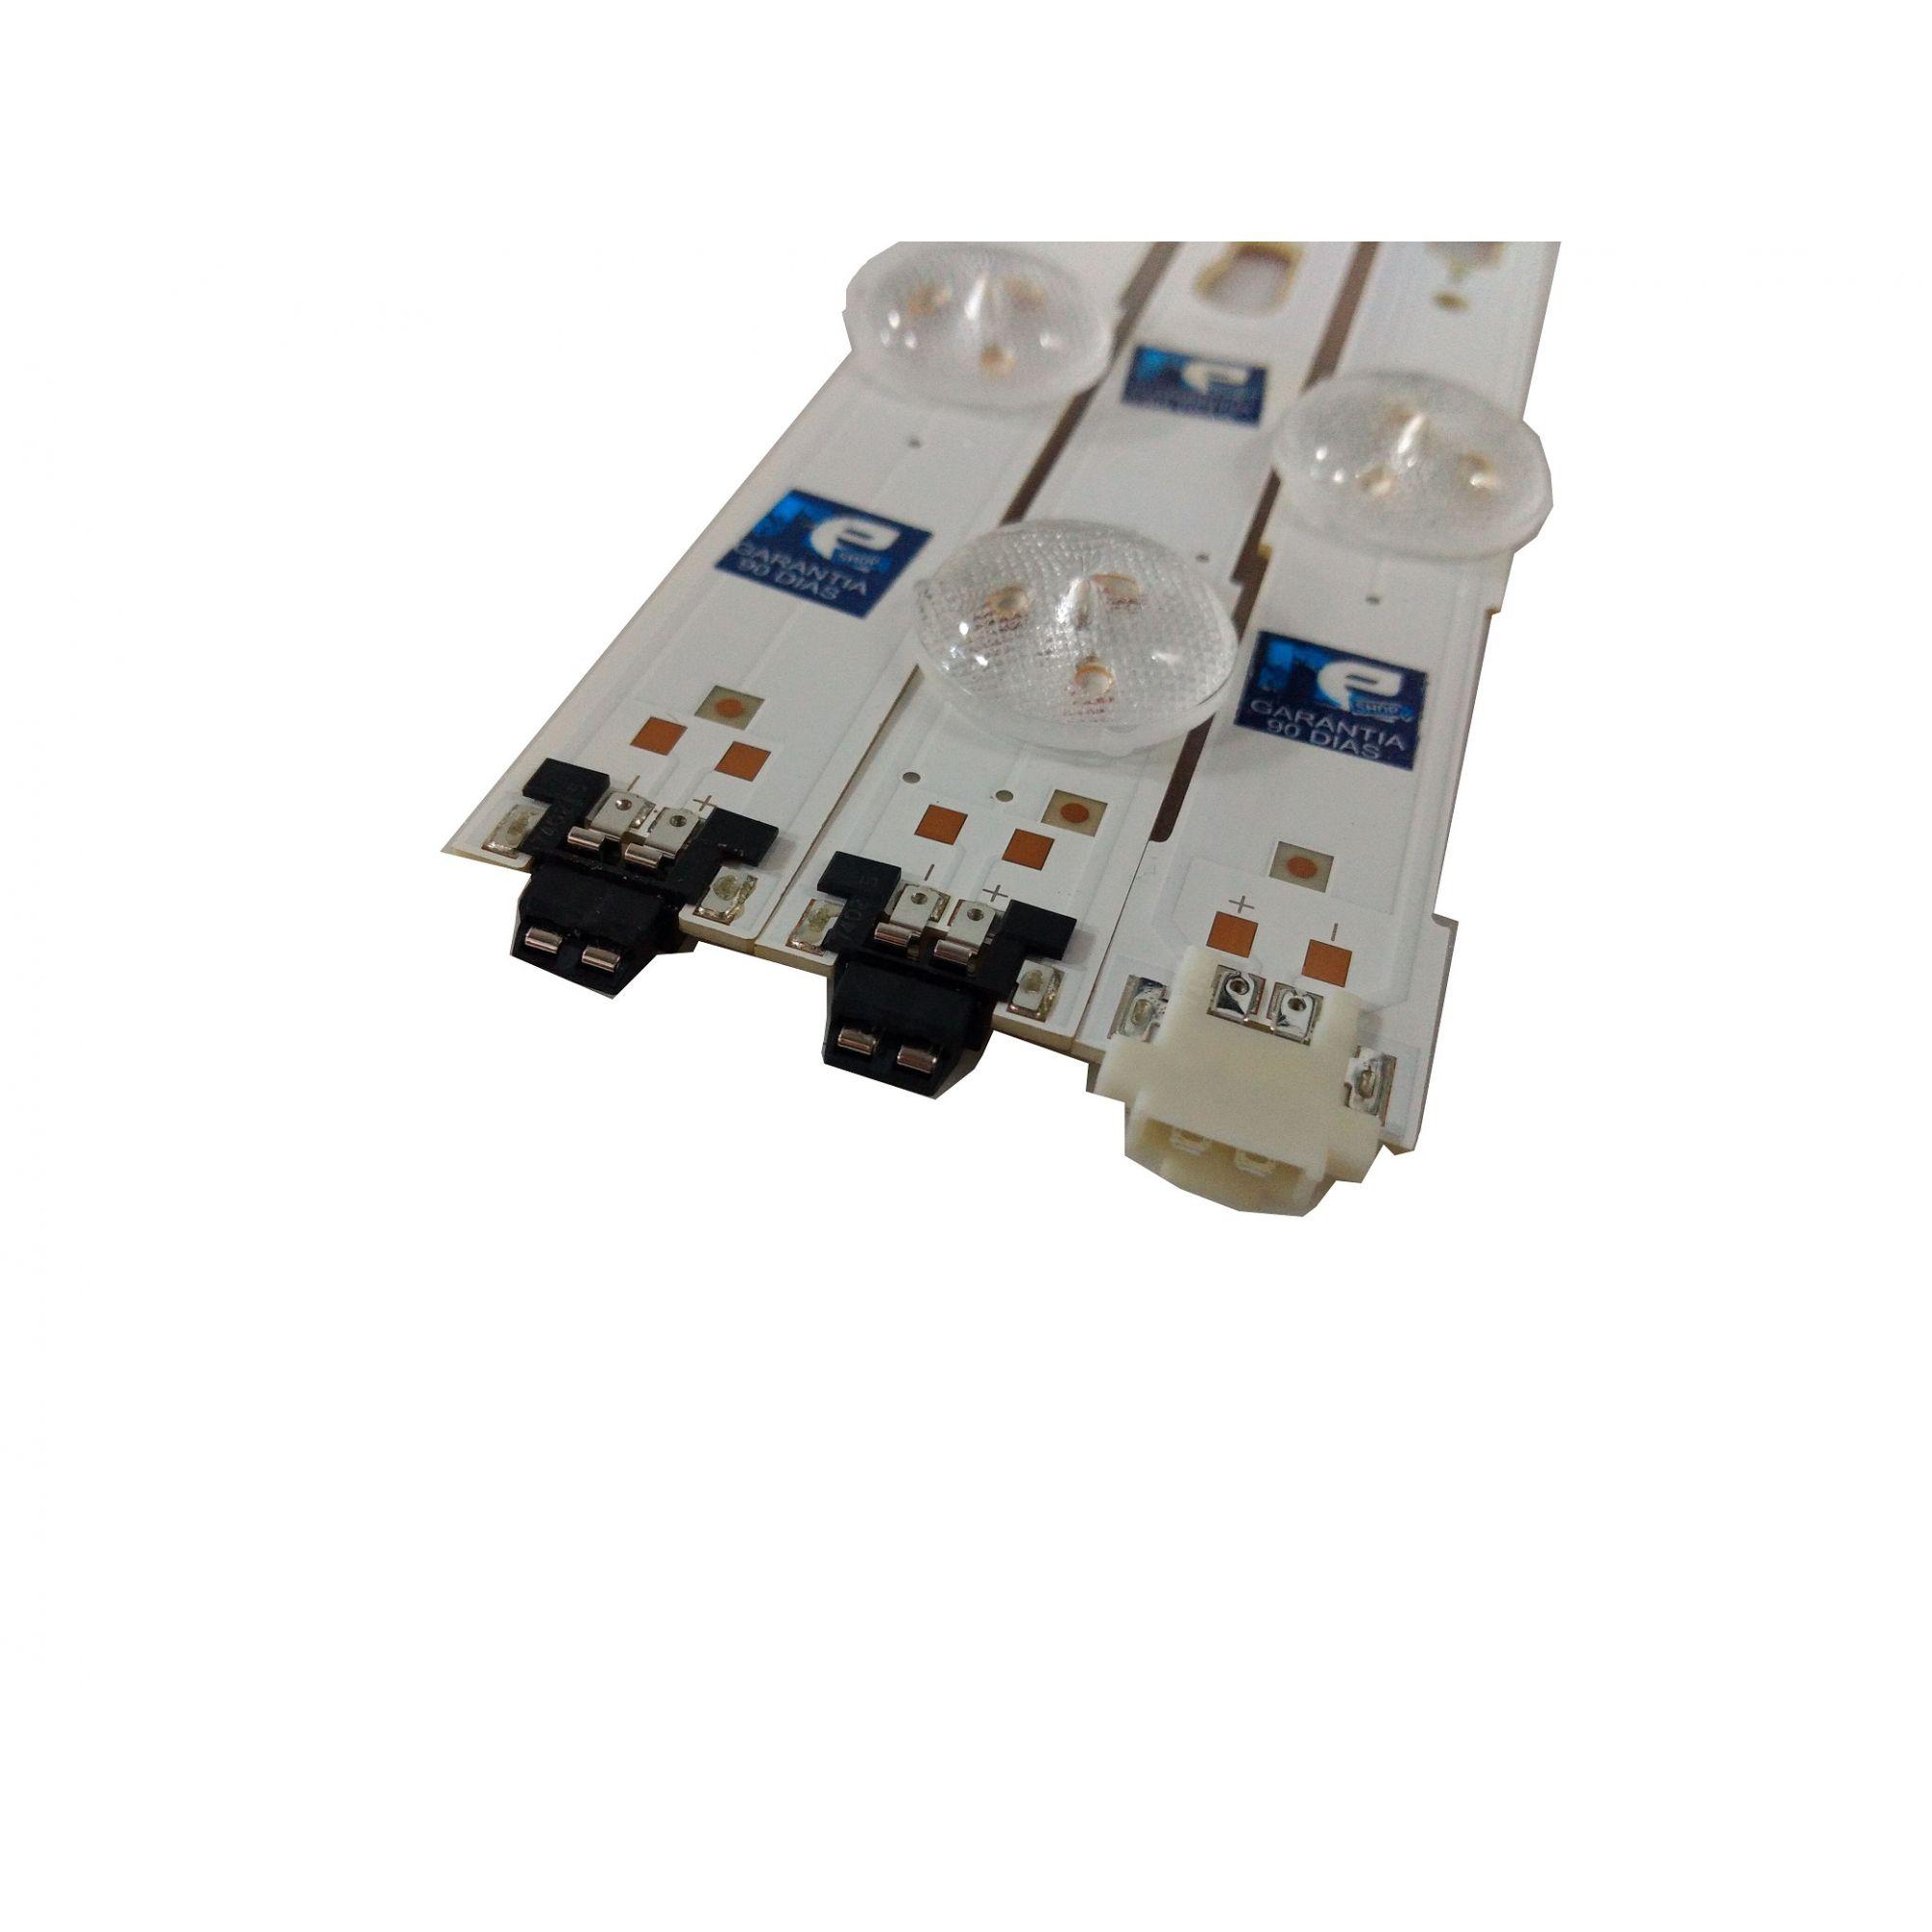 KIT BARRA DE LED SAMSUNG UN75MU6100G 34763A + 34764A + 34765A (27 BARRAS)